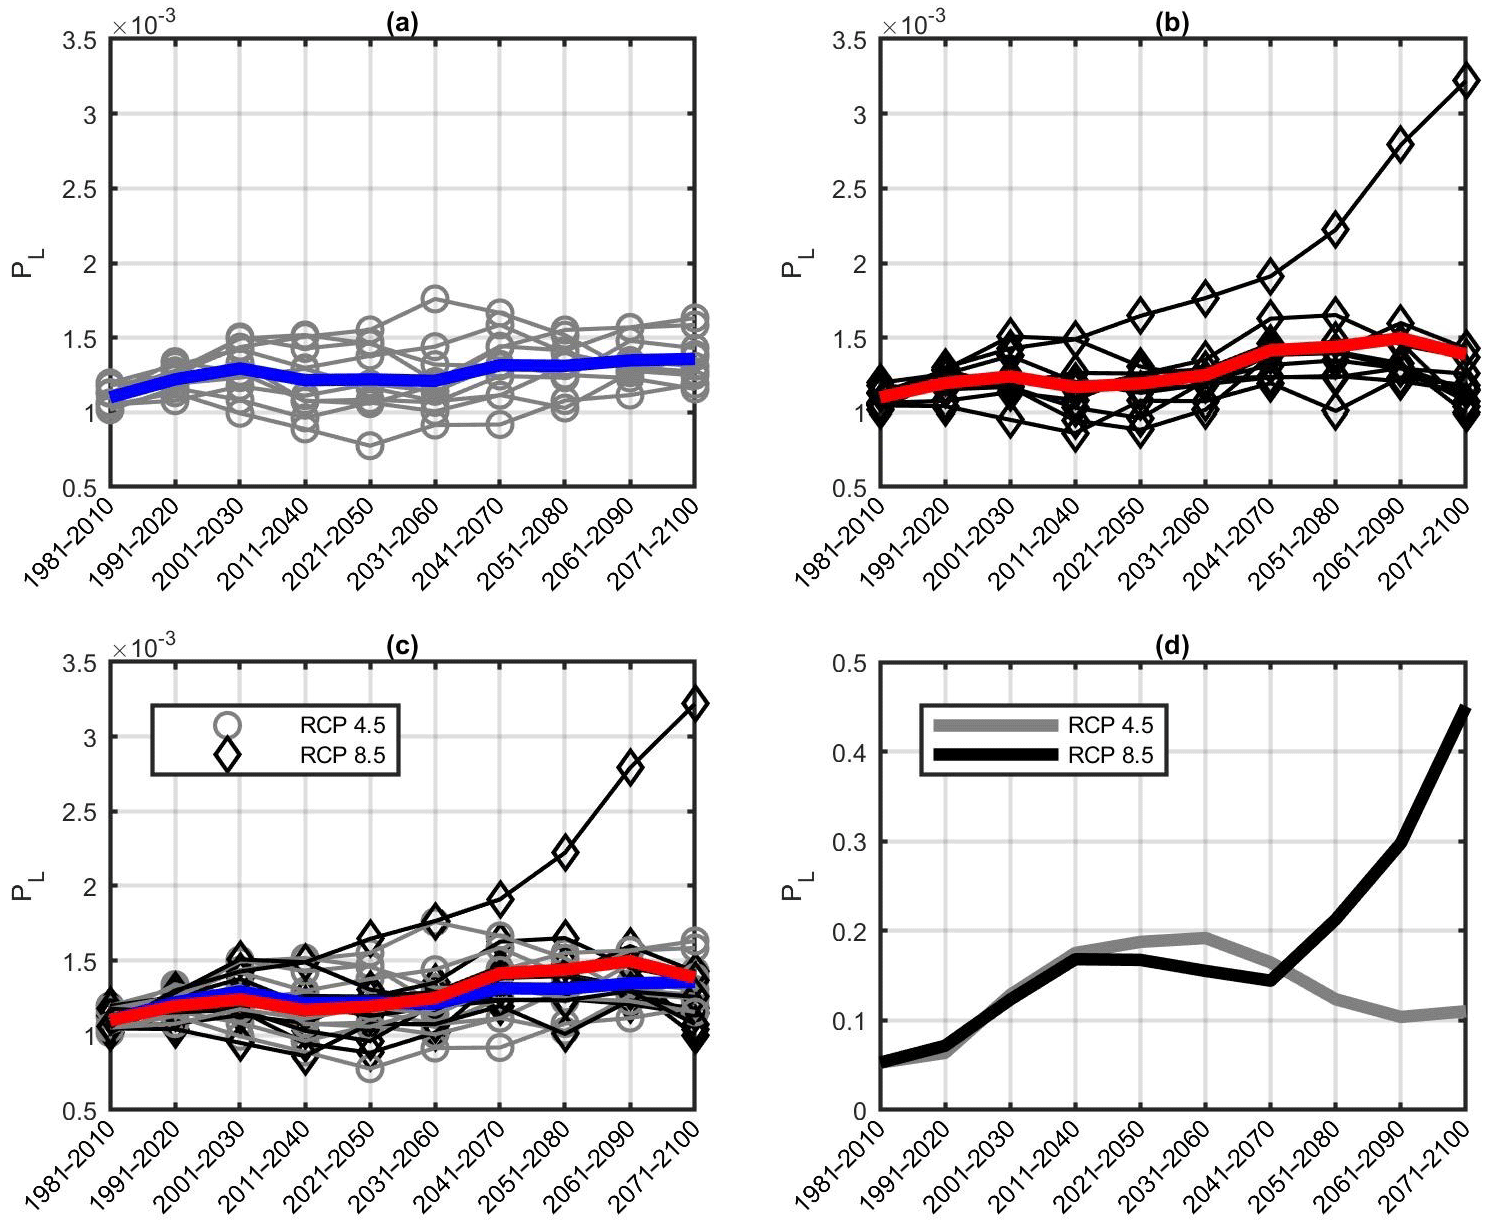 NHESS - Temporal evolution of flow-like landslide hazard for